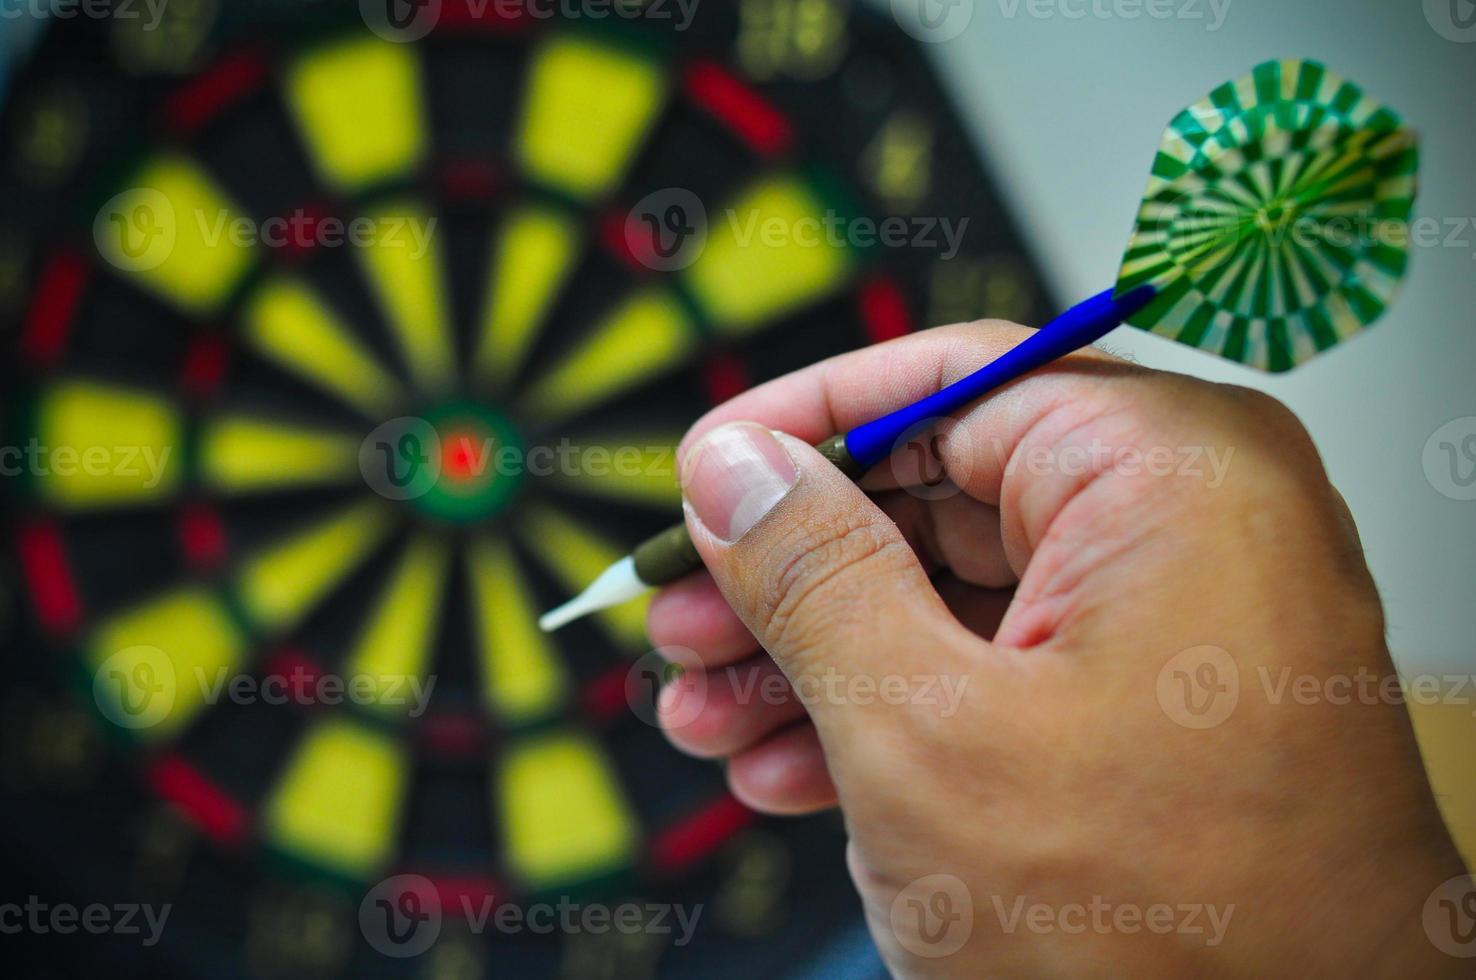 freccette frecce nel centro del bersaglio, gioco di freccette foto